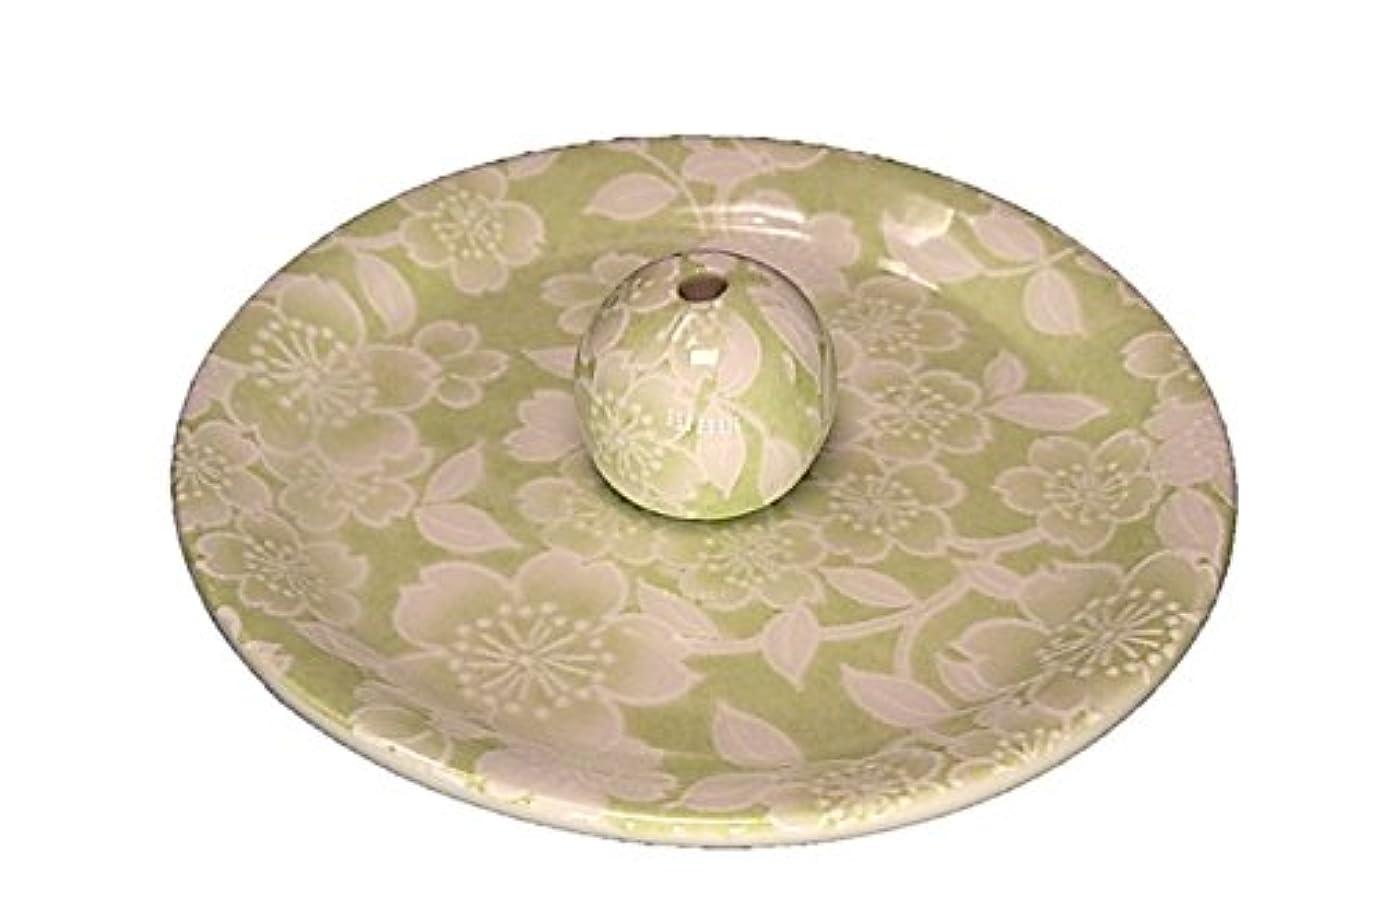 滅多手数料起こる9-37 桜友禅 緑 9cm香皿 お香立て お香たて 陶器 日本製 製造?直売品